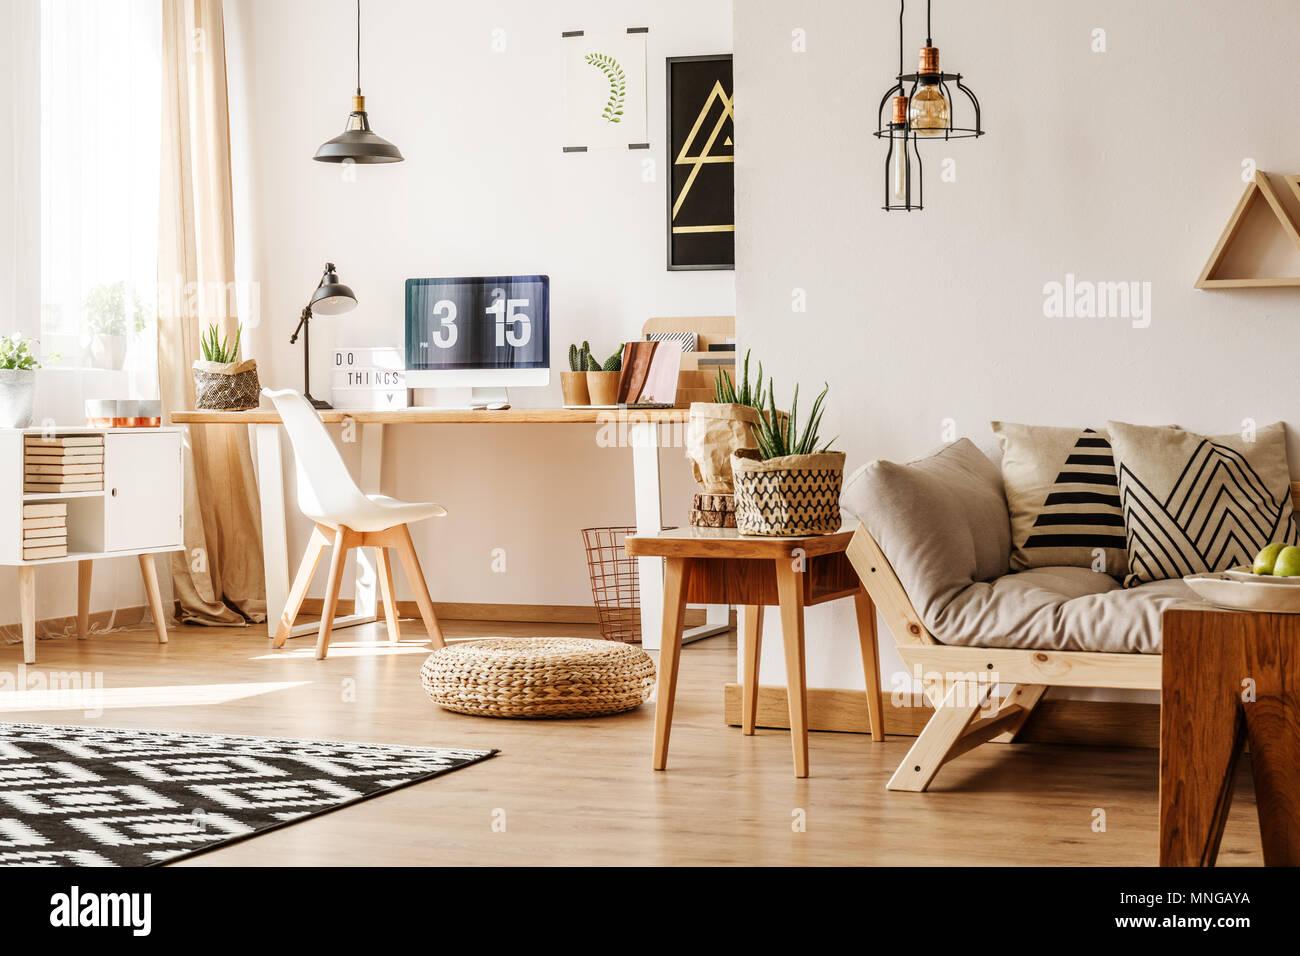 Superb Modern Loft Interior Full Of Natural Wooden Furniture And Inzonedesignstudio Interior Chair Design Inzonedesignstudiocom